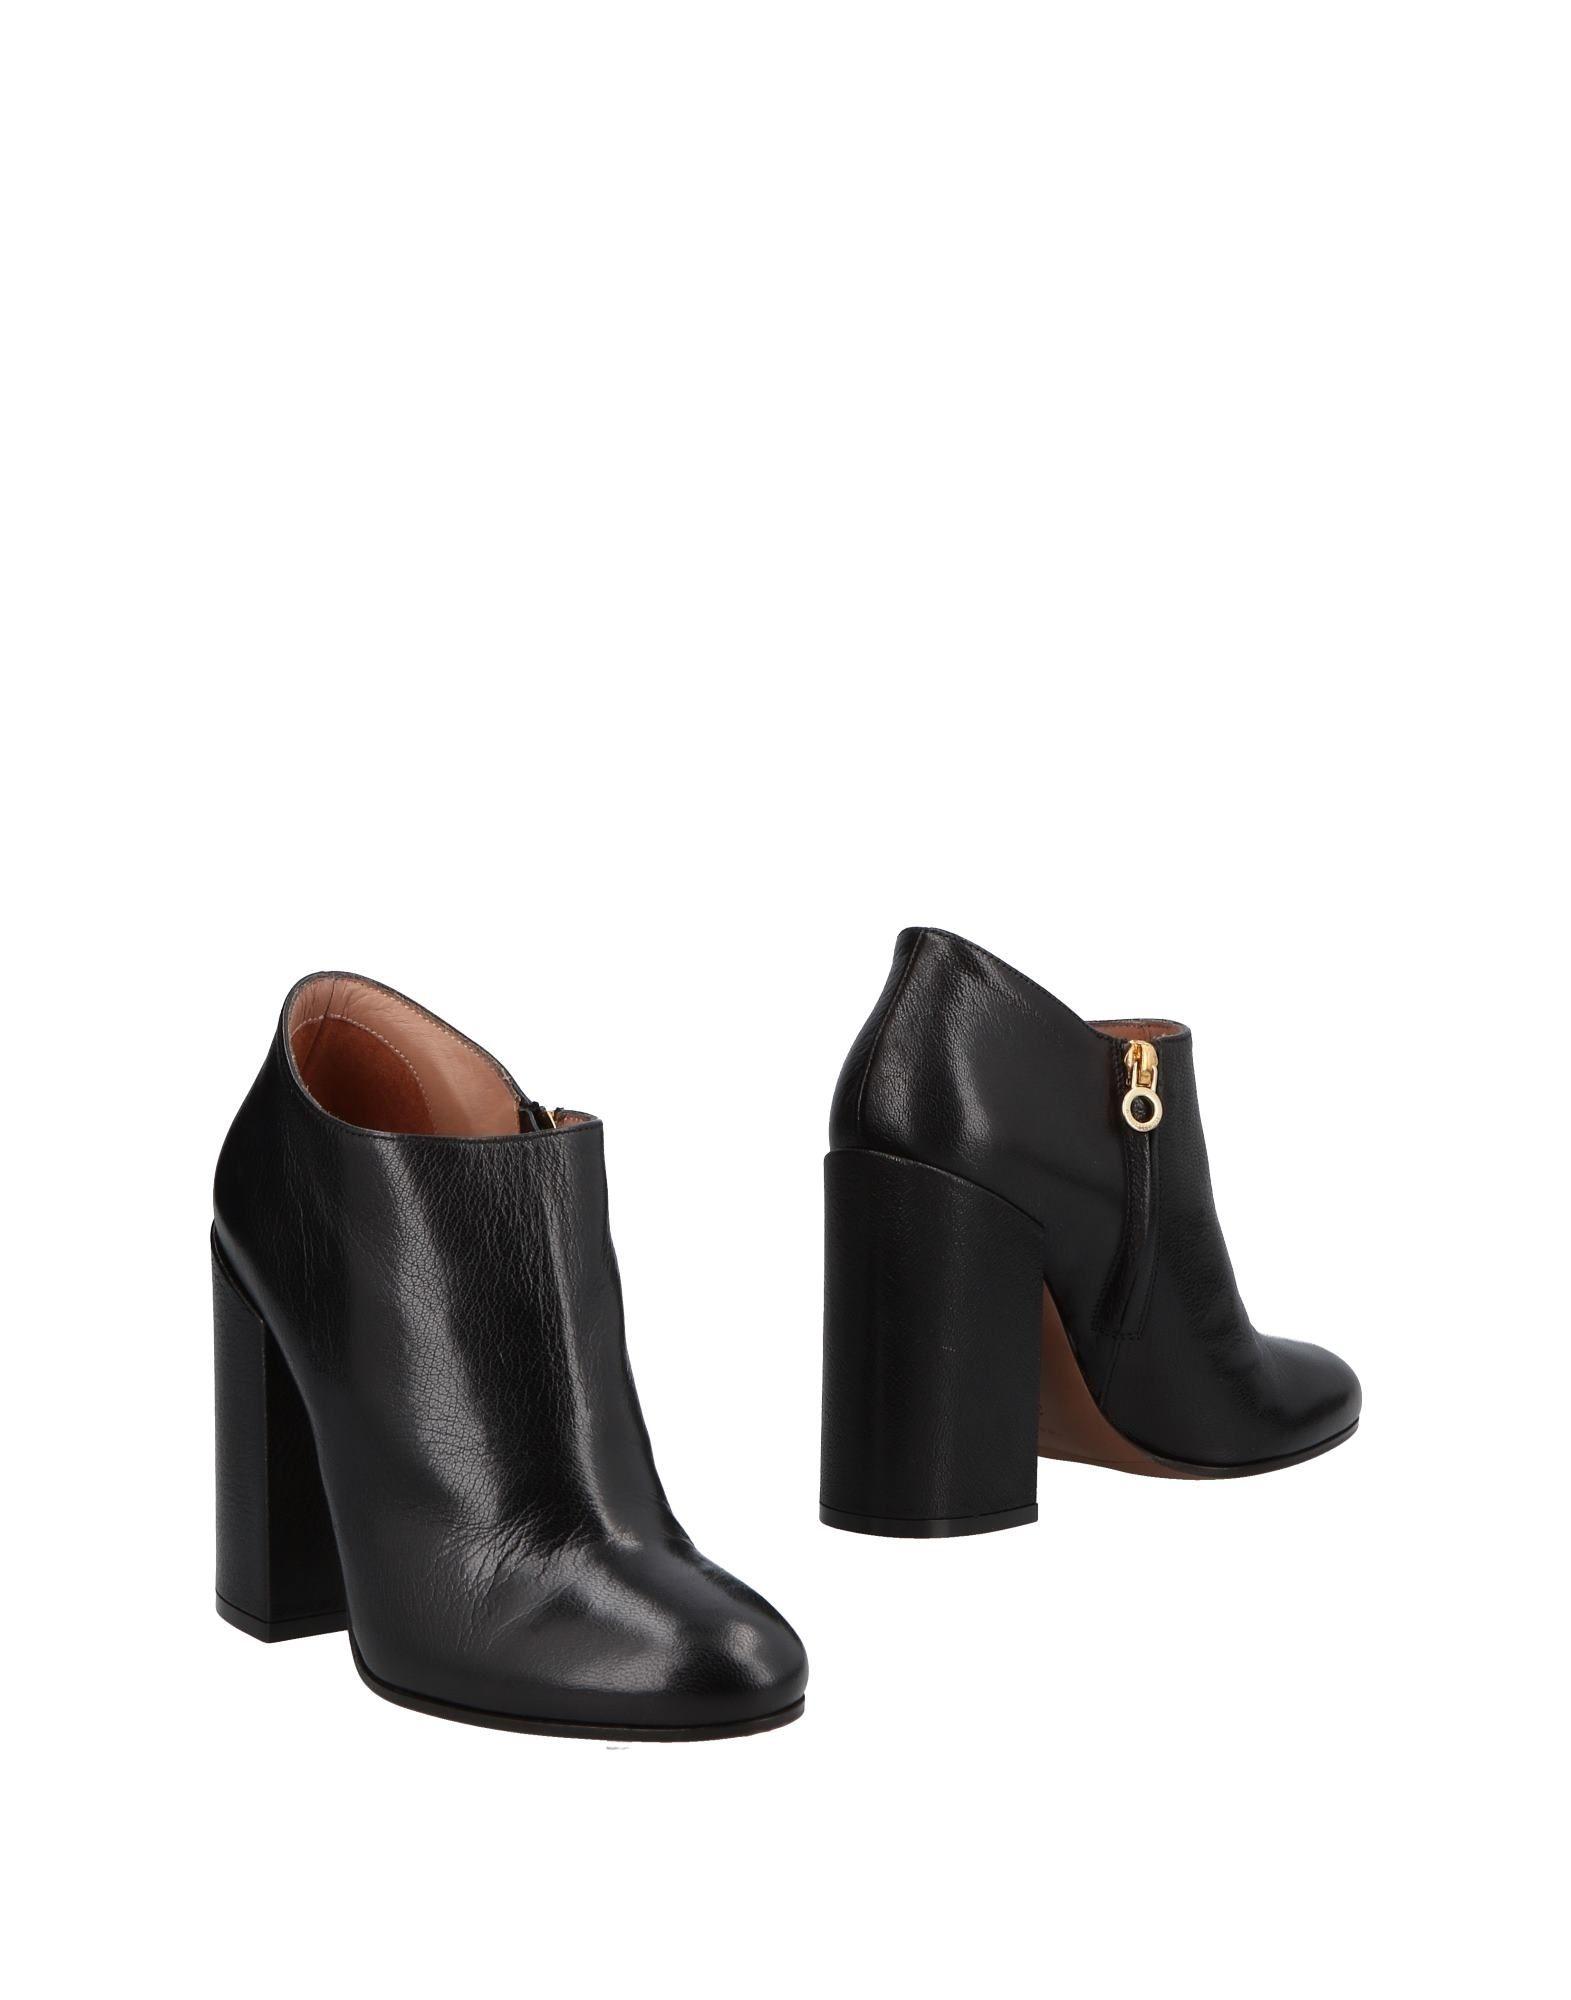 L' Autre Chose Stiefelette Damen  11487392XWGut aussehende strapazierfähige Schuhe